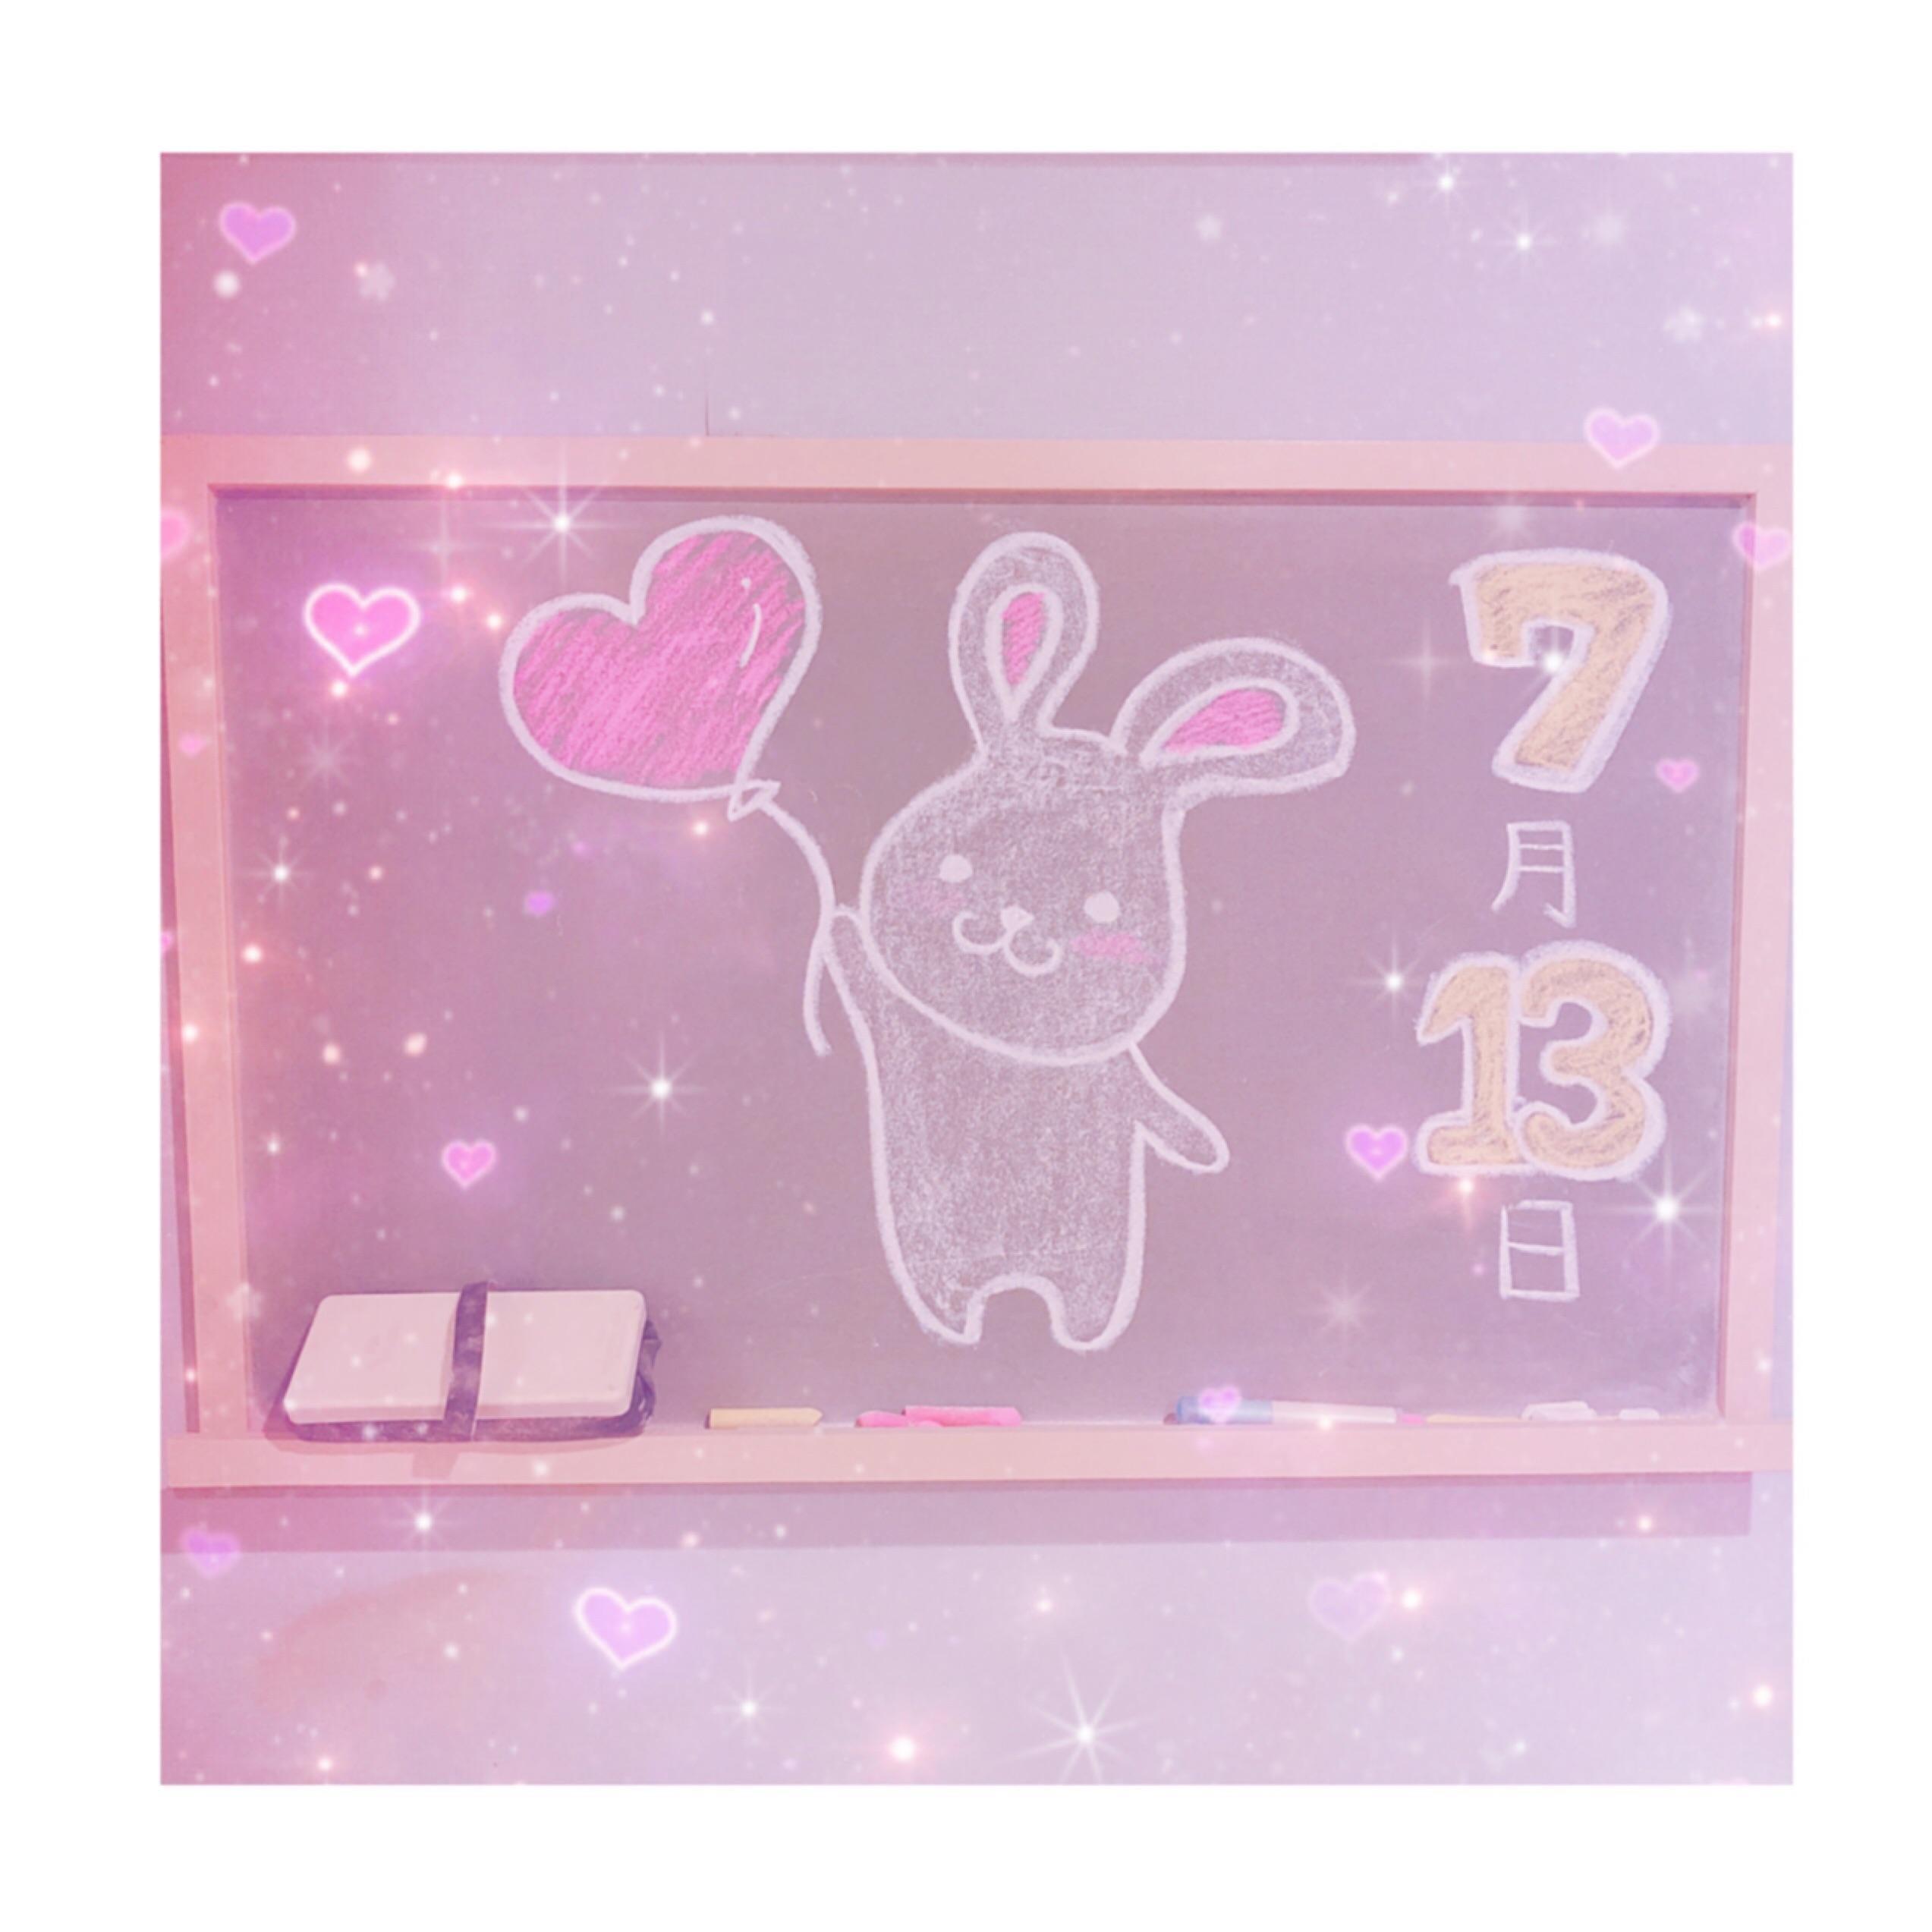 「うさ(U '?' U)」07/13日(金) 11:26 | せなの写メ・風俗動画